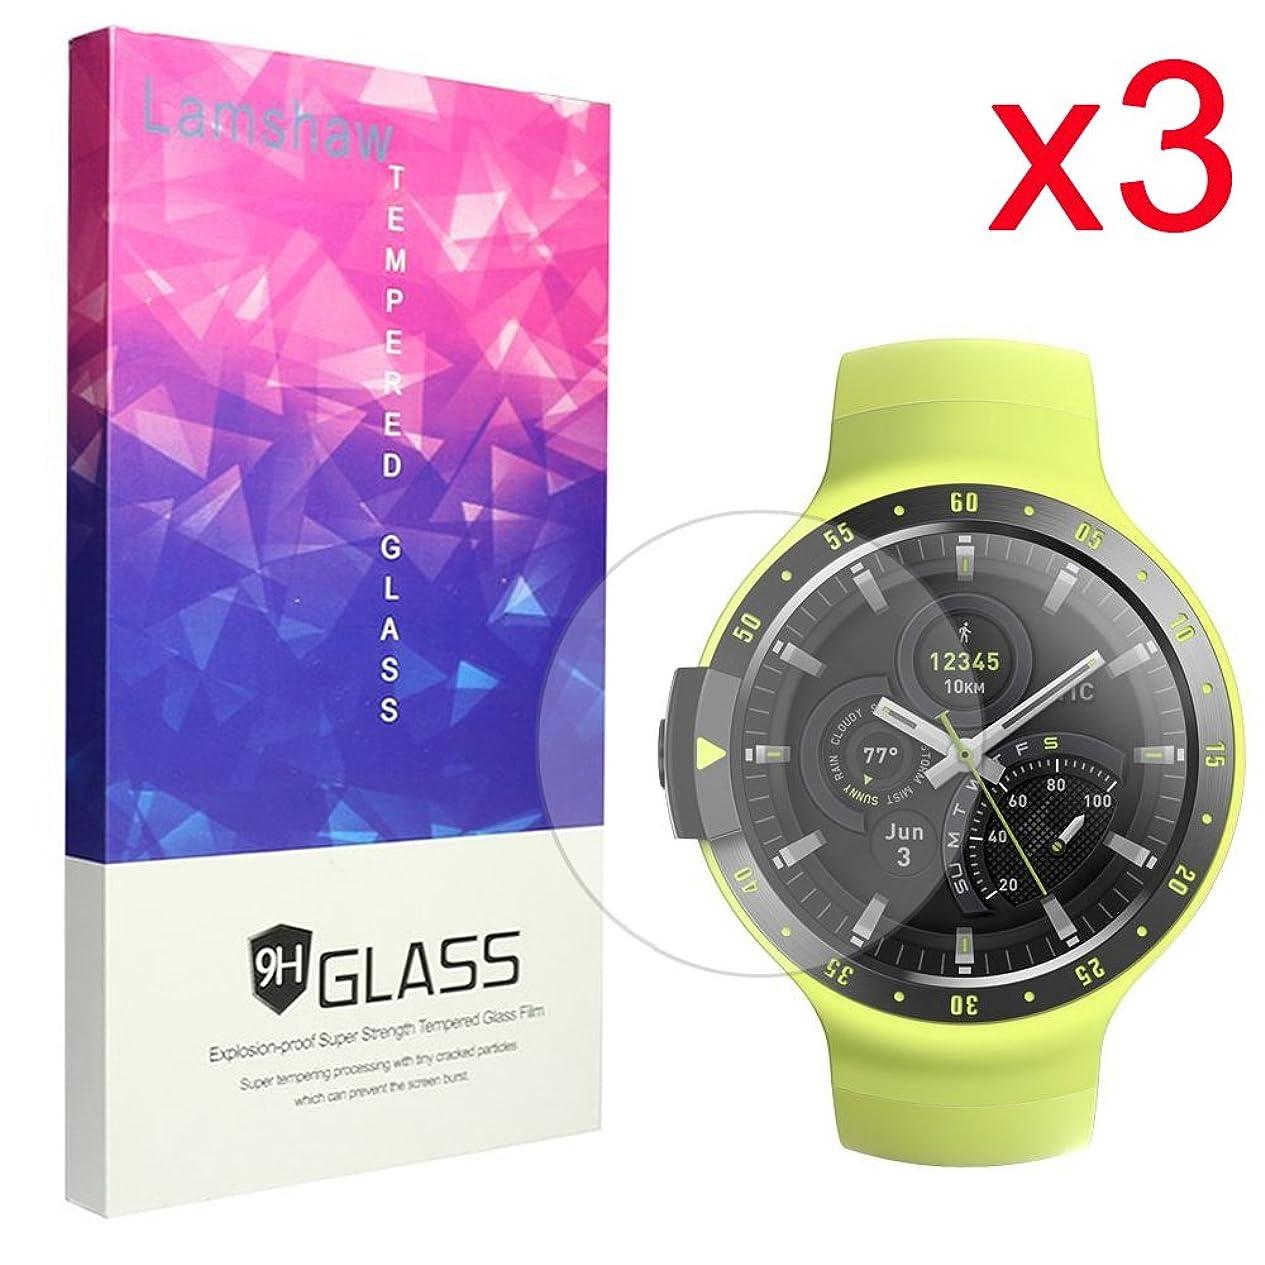 基礎ジャンピングジャック実験的Lamshaw Ticwatch E 保護フィルム, 9H ガラスフィルム カバー 対応 Ticwatch E / Ticwatch S 腕時計 (3枚)